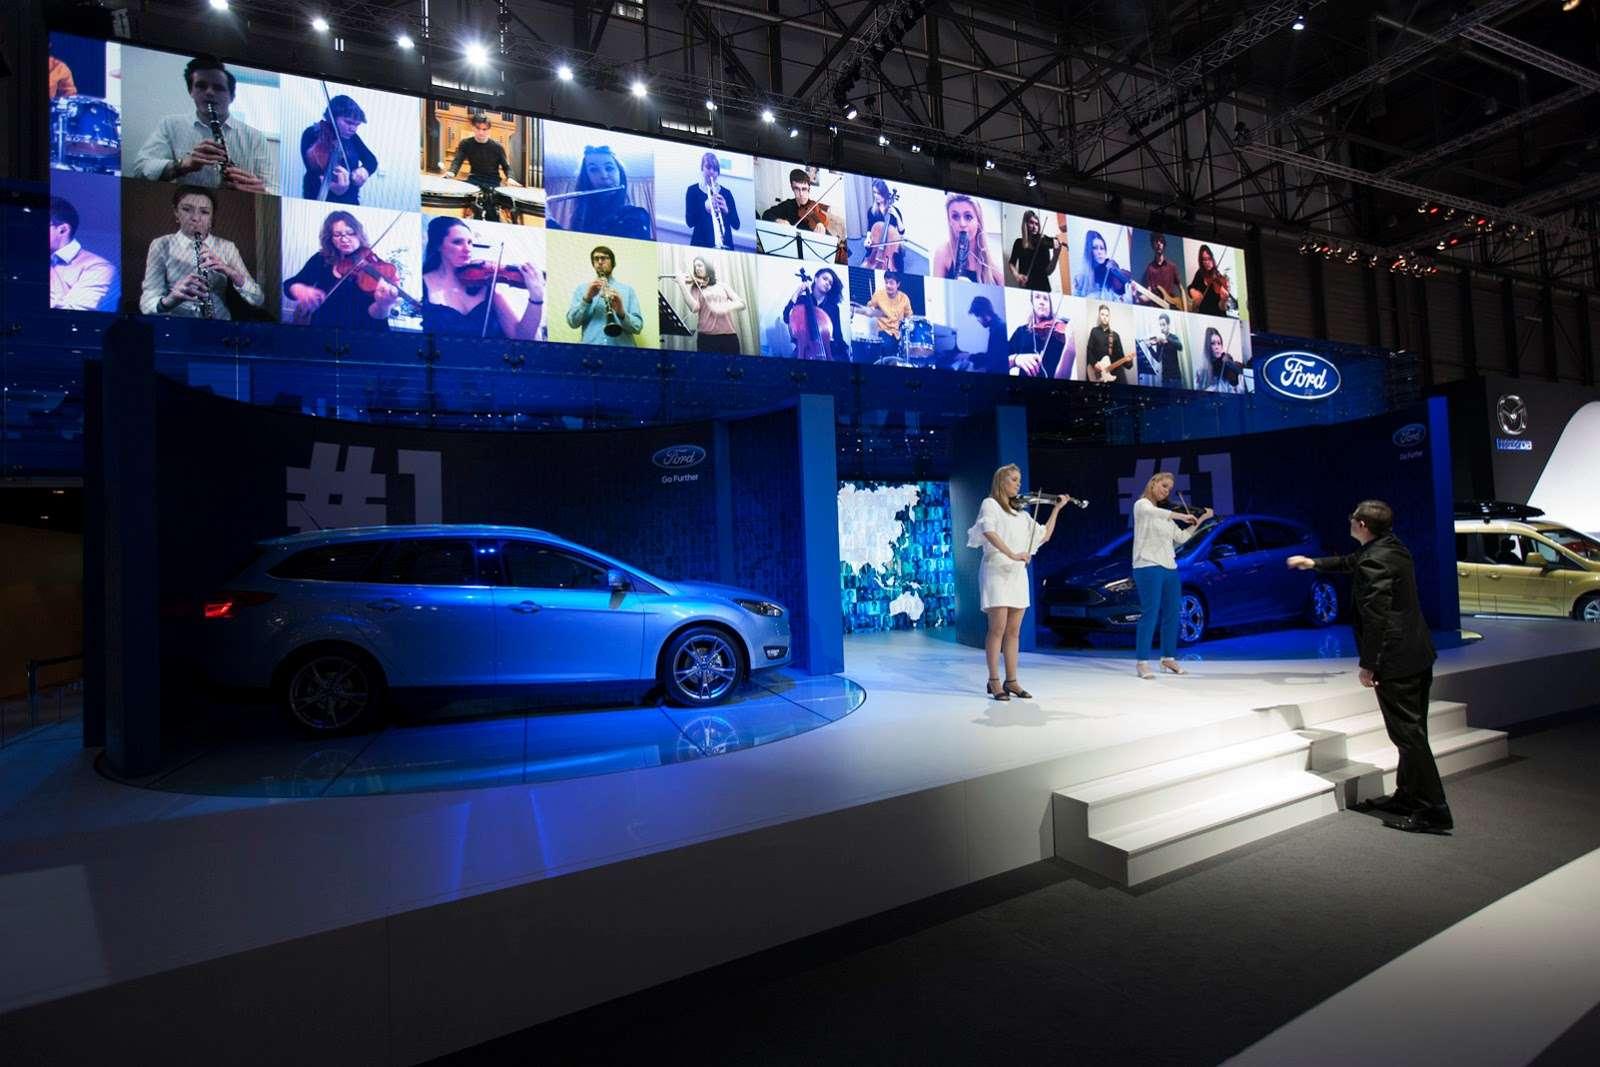 Nowy ford focus salon genewa 2014 - Focos salon ...